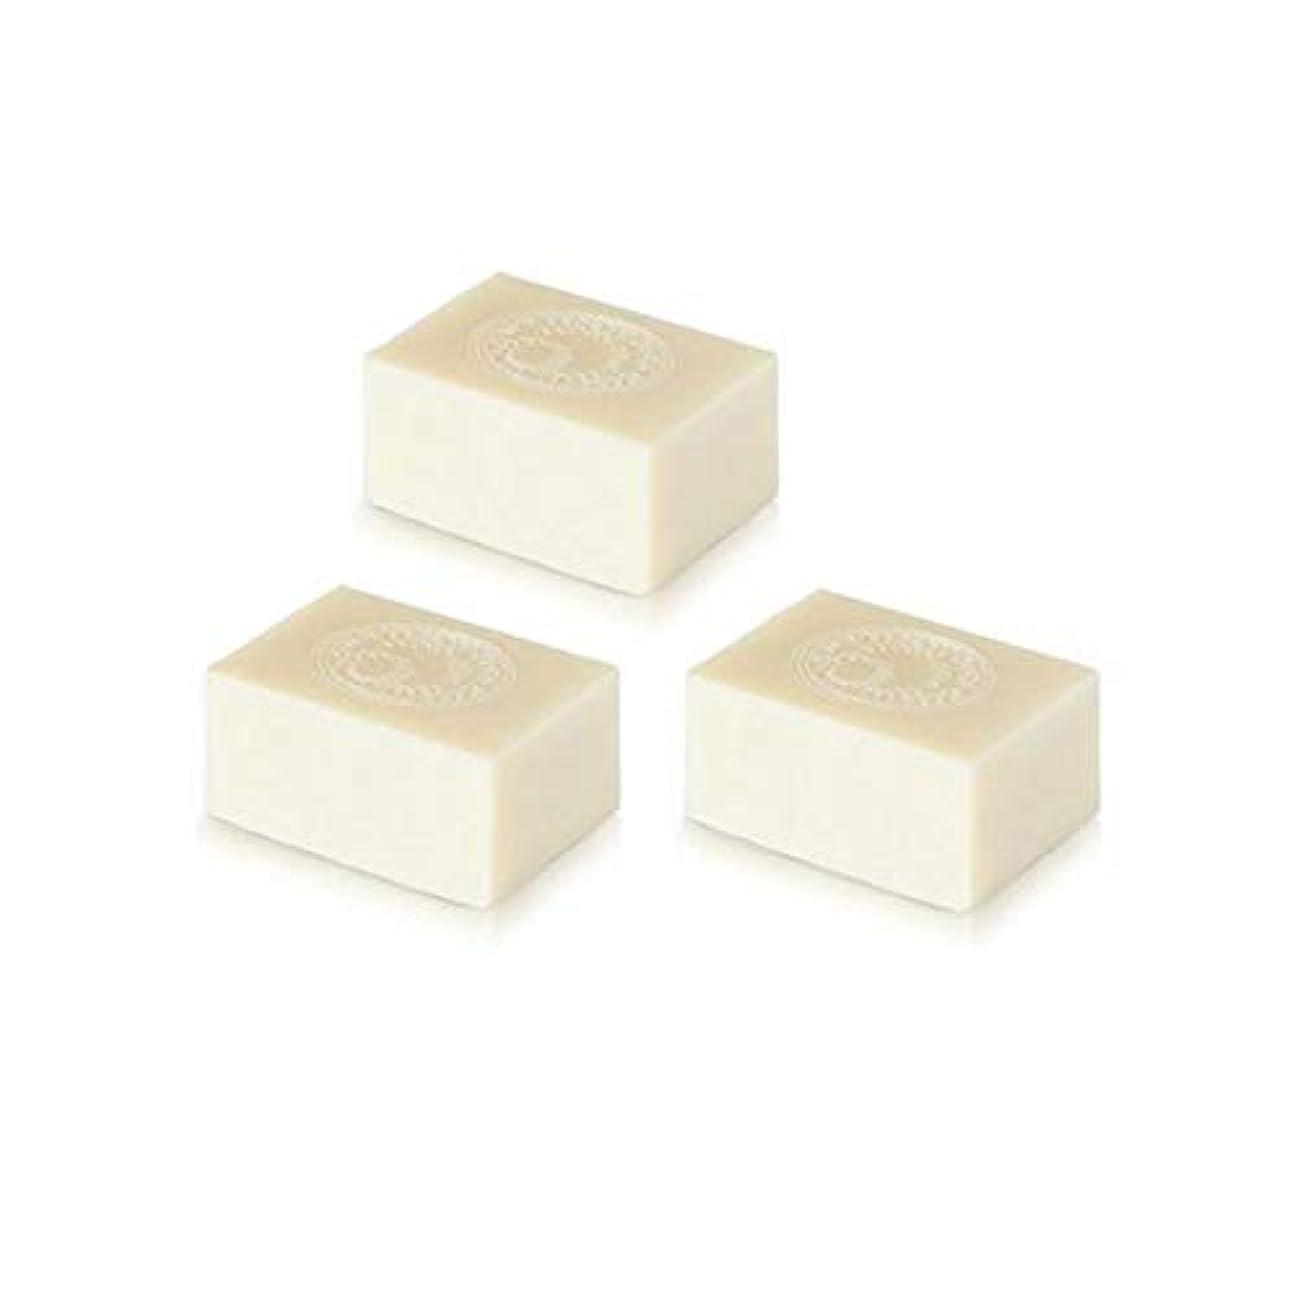 太陽プロジェクター安価なアルガン石鹸3個セット( 145g ×3個) アルガンオイルの完全無添加石鹸